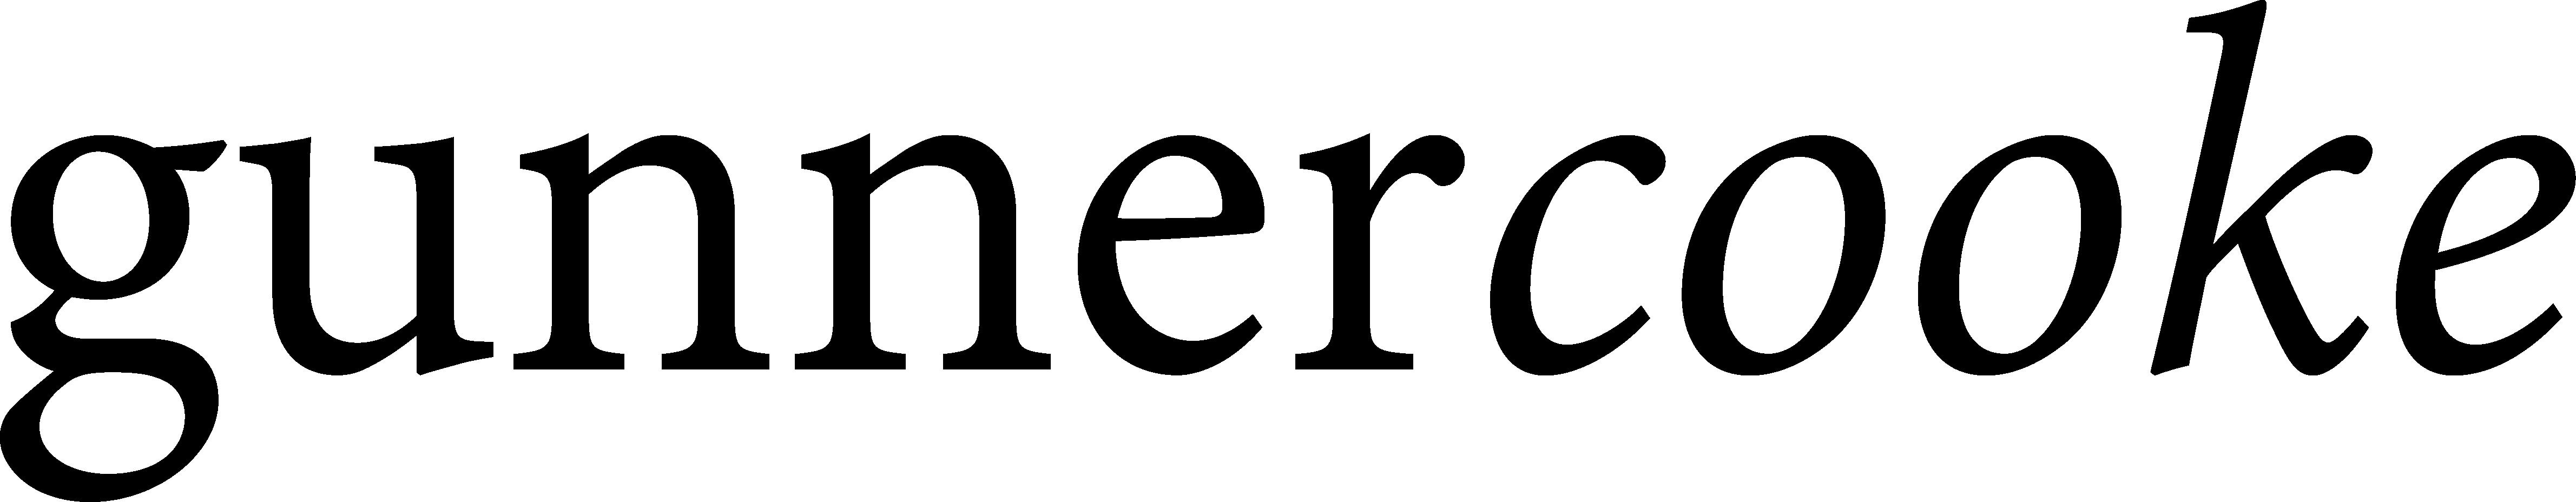 gunnercooke llp logo